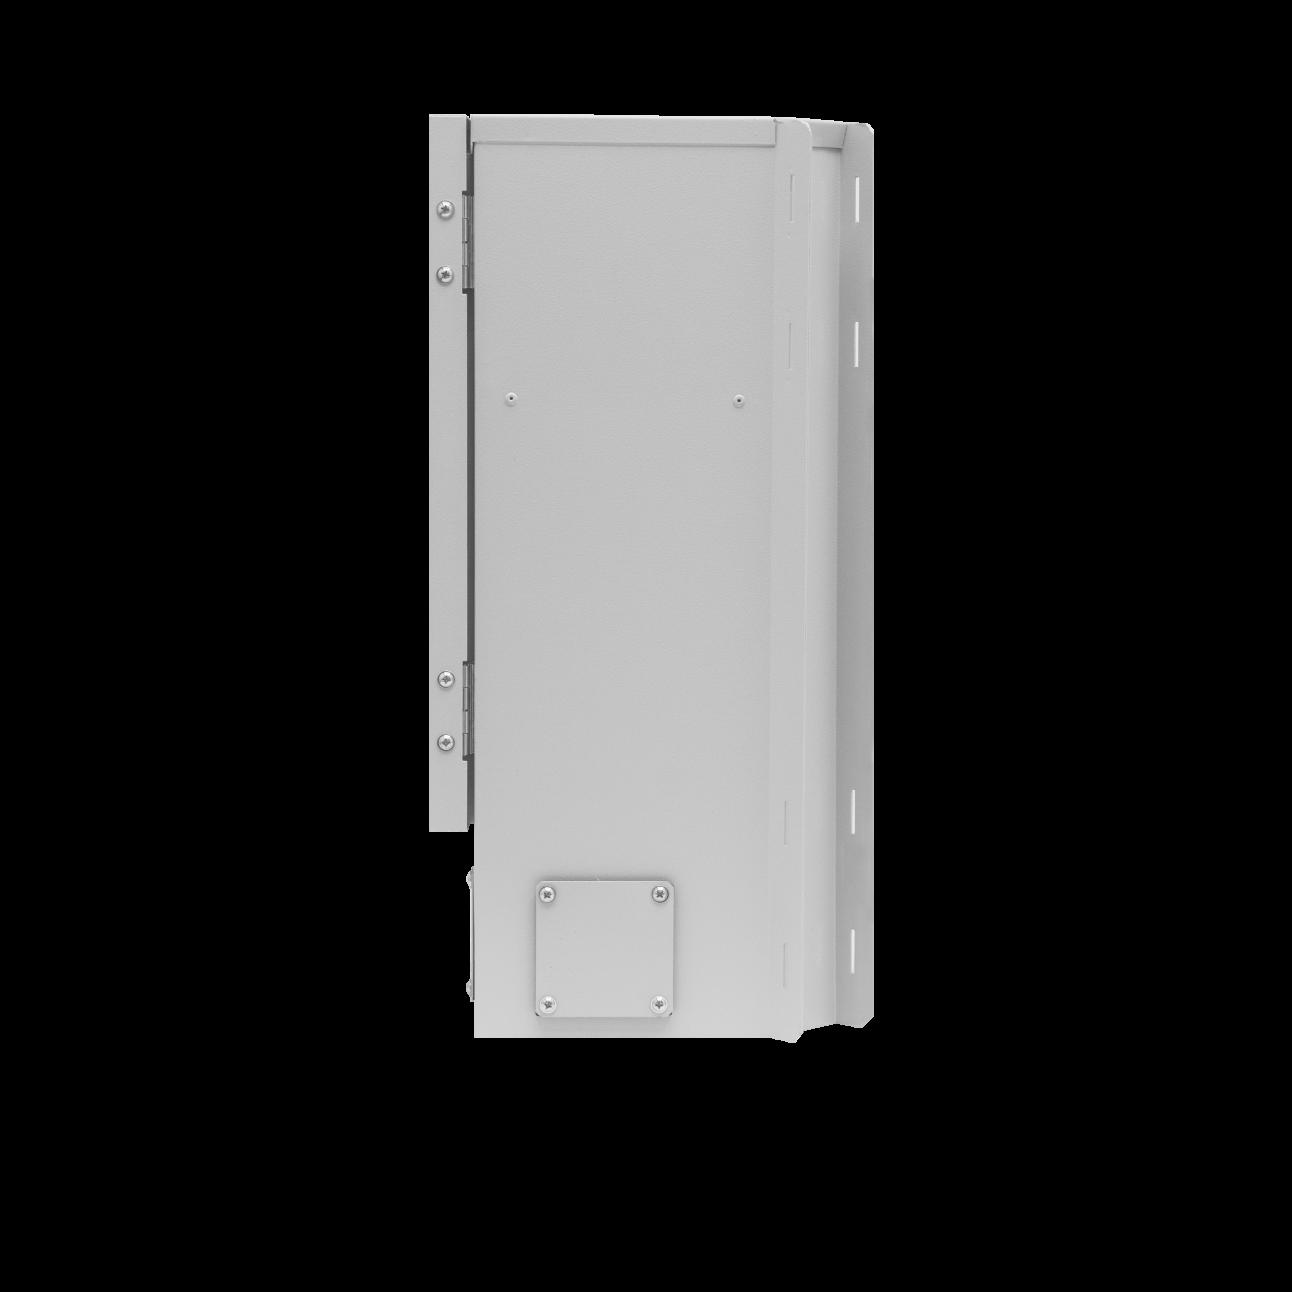 Шкаф уличный серии Real1, 510х240х245, RAL7035